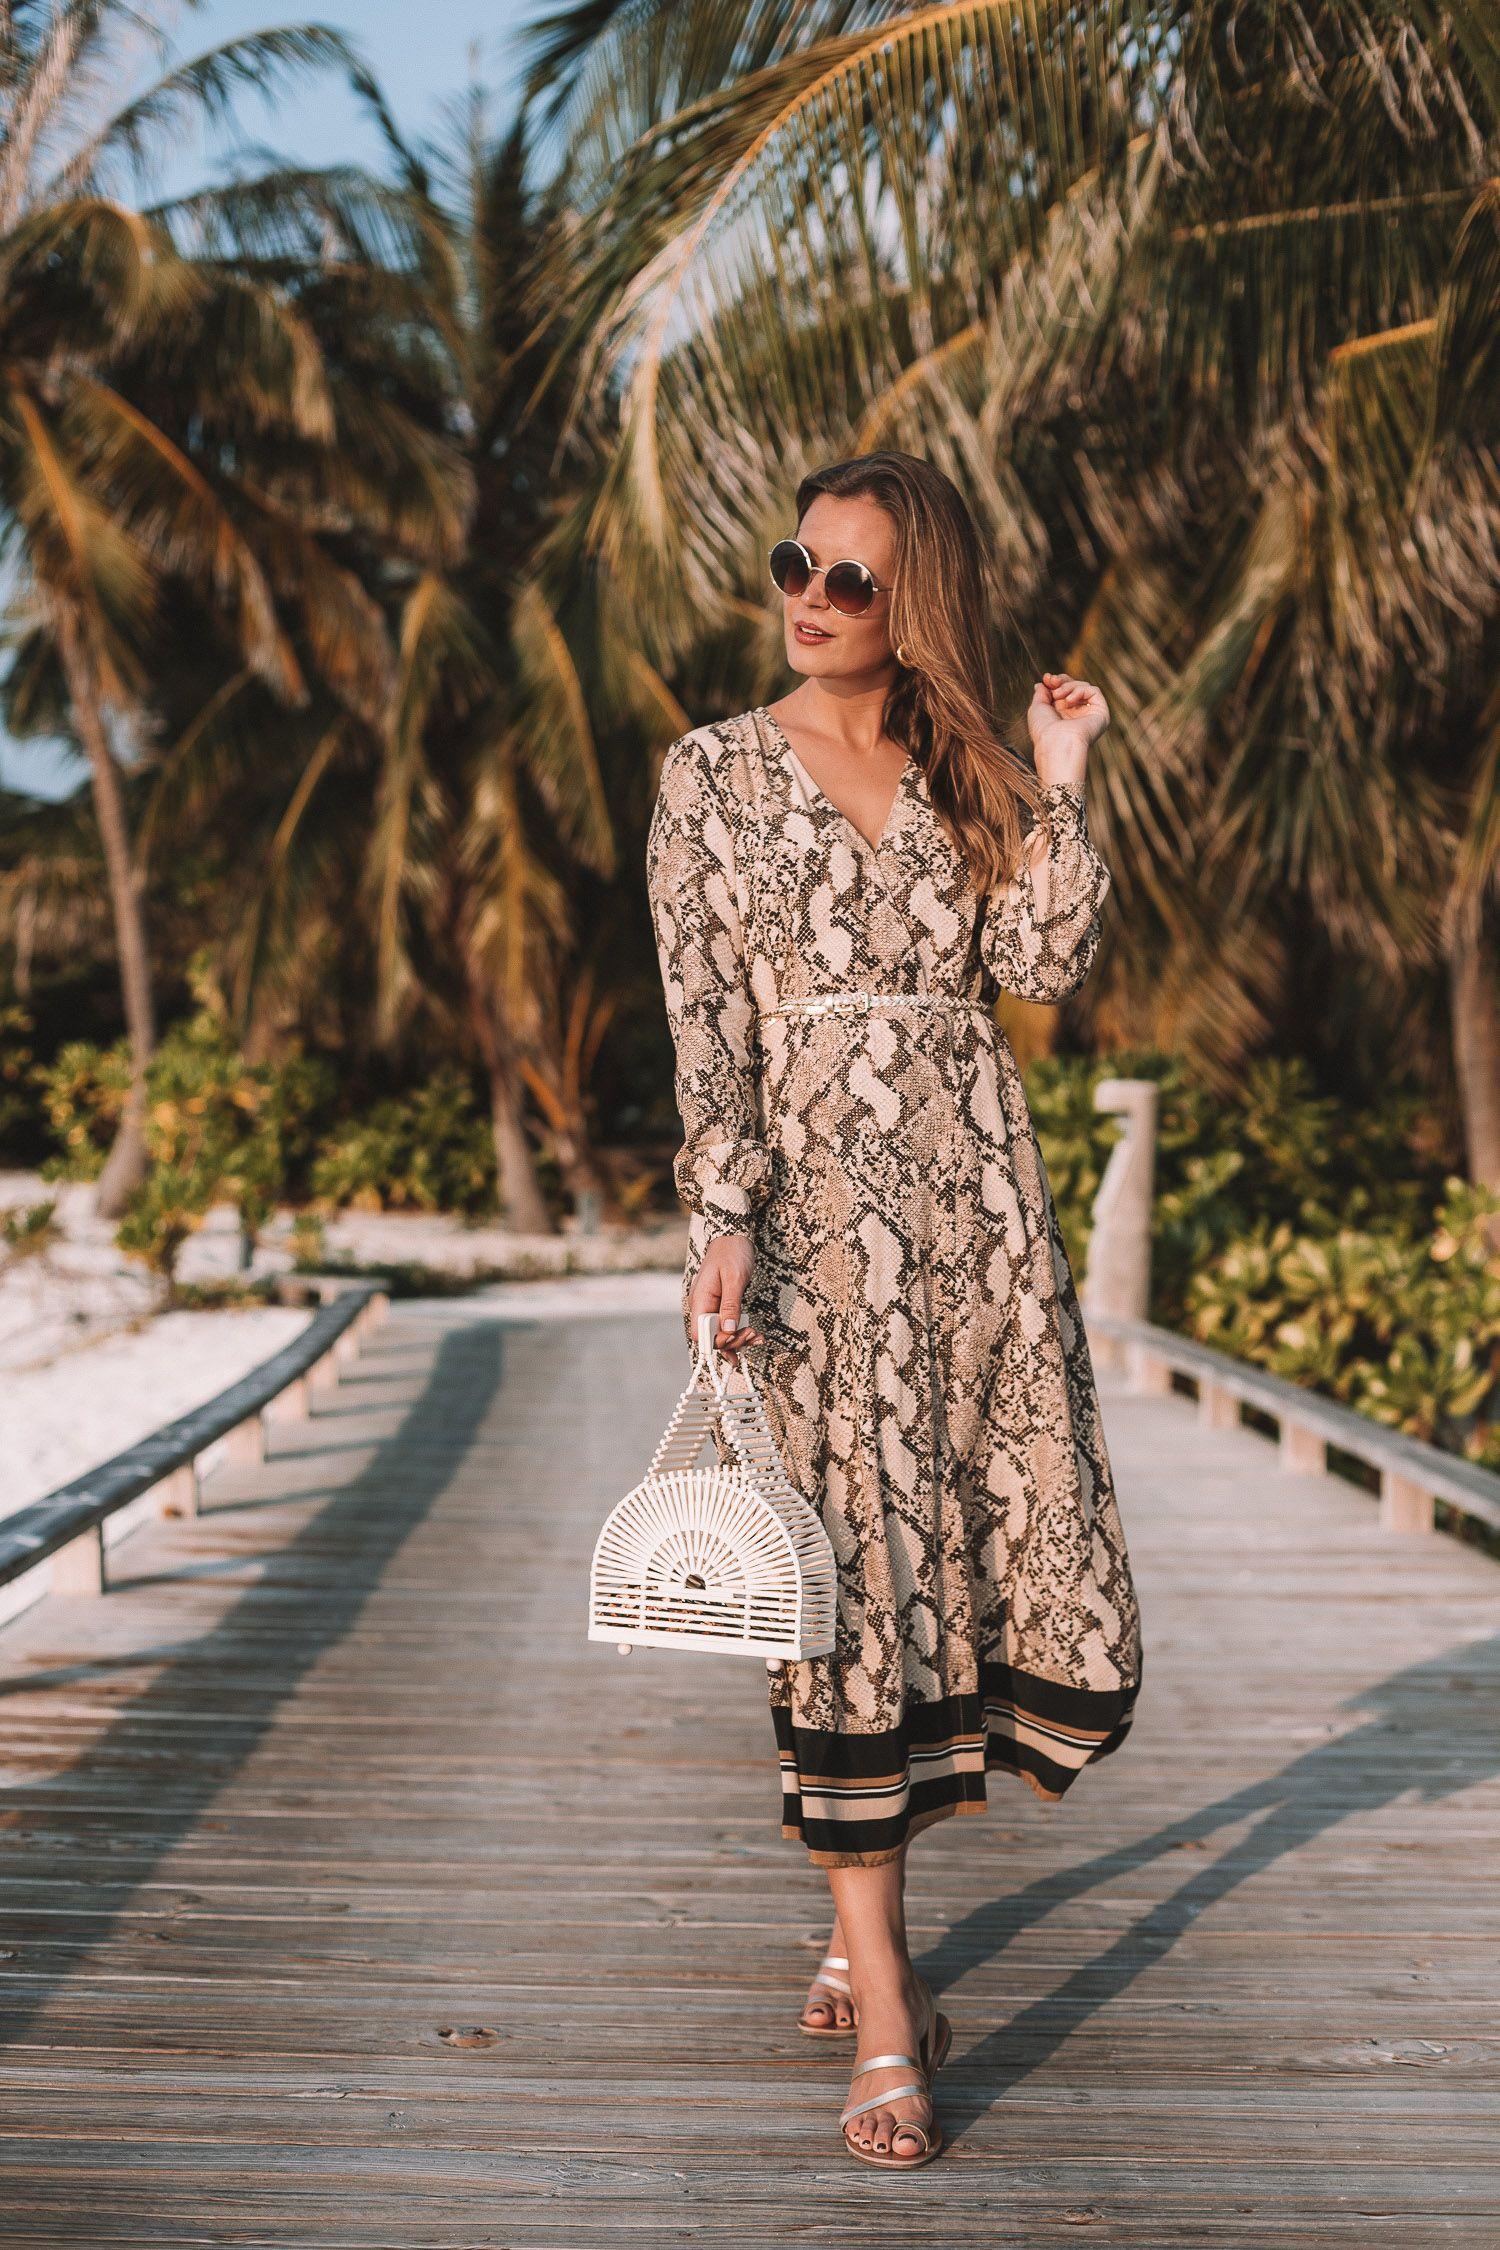 2c7a6e0f6c9fca Fashion Trends im Sommer 2019 - Animal Print Kleid von H&M und Cult Gaia  Bambus Bag